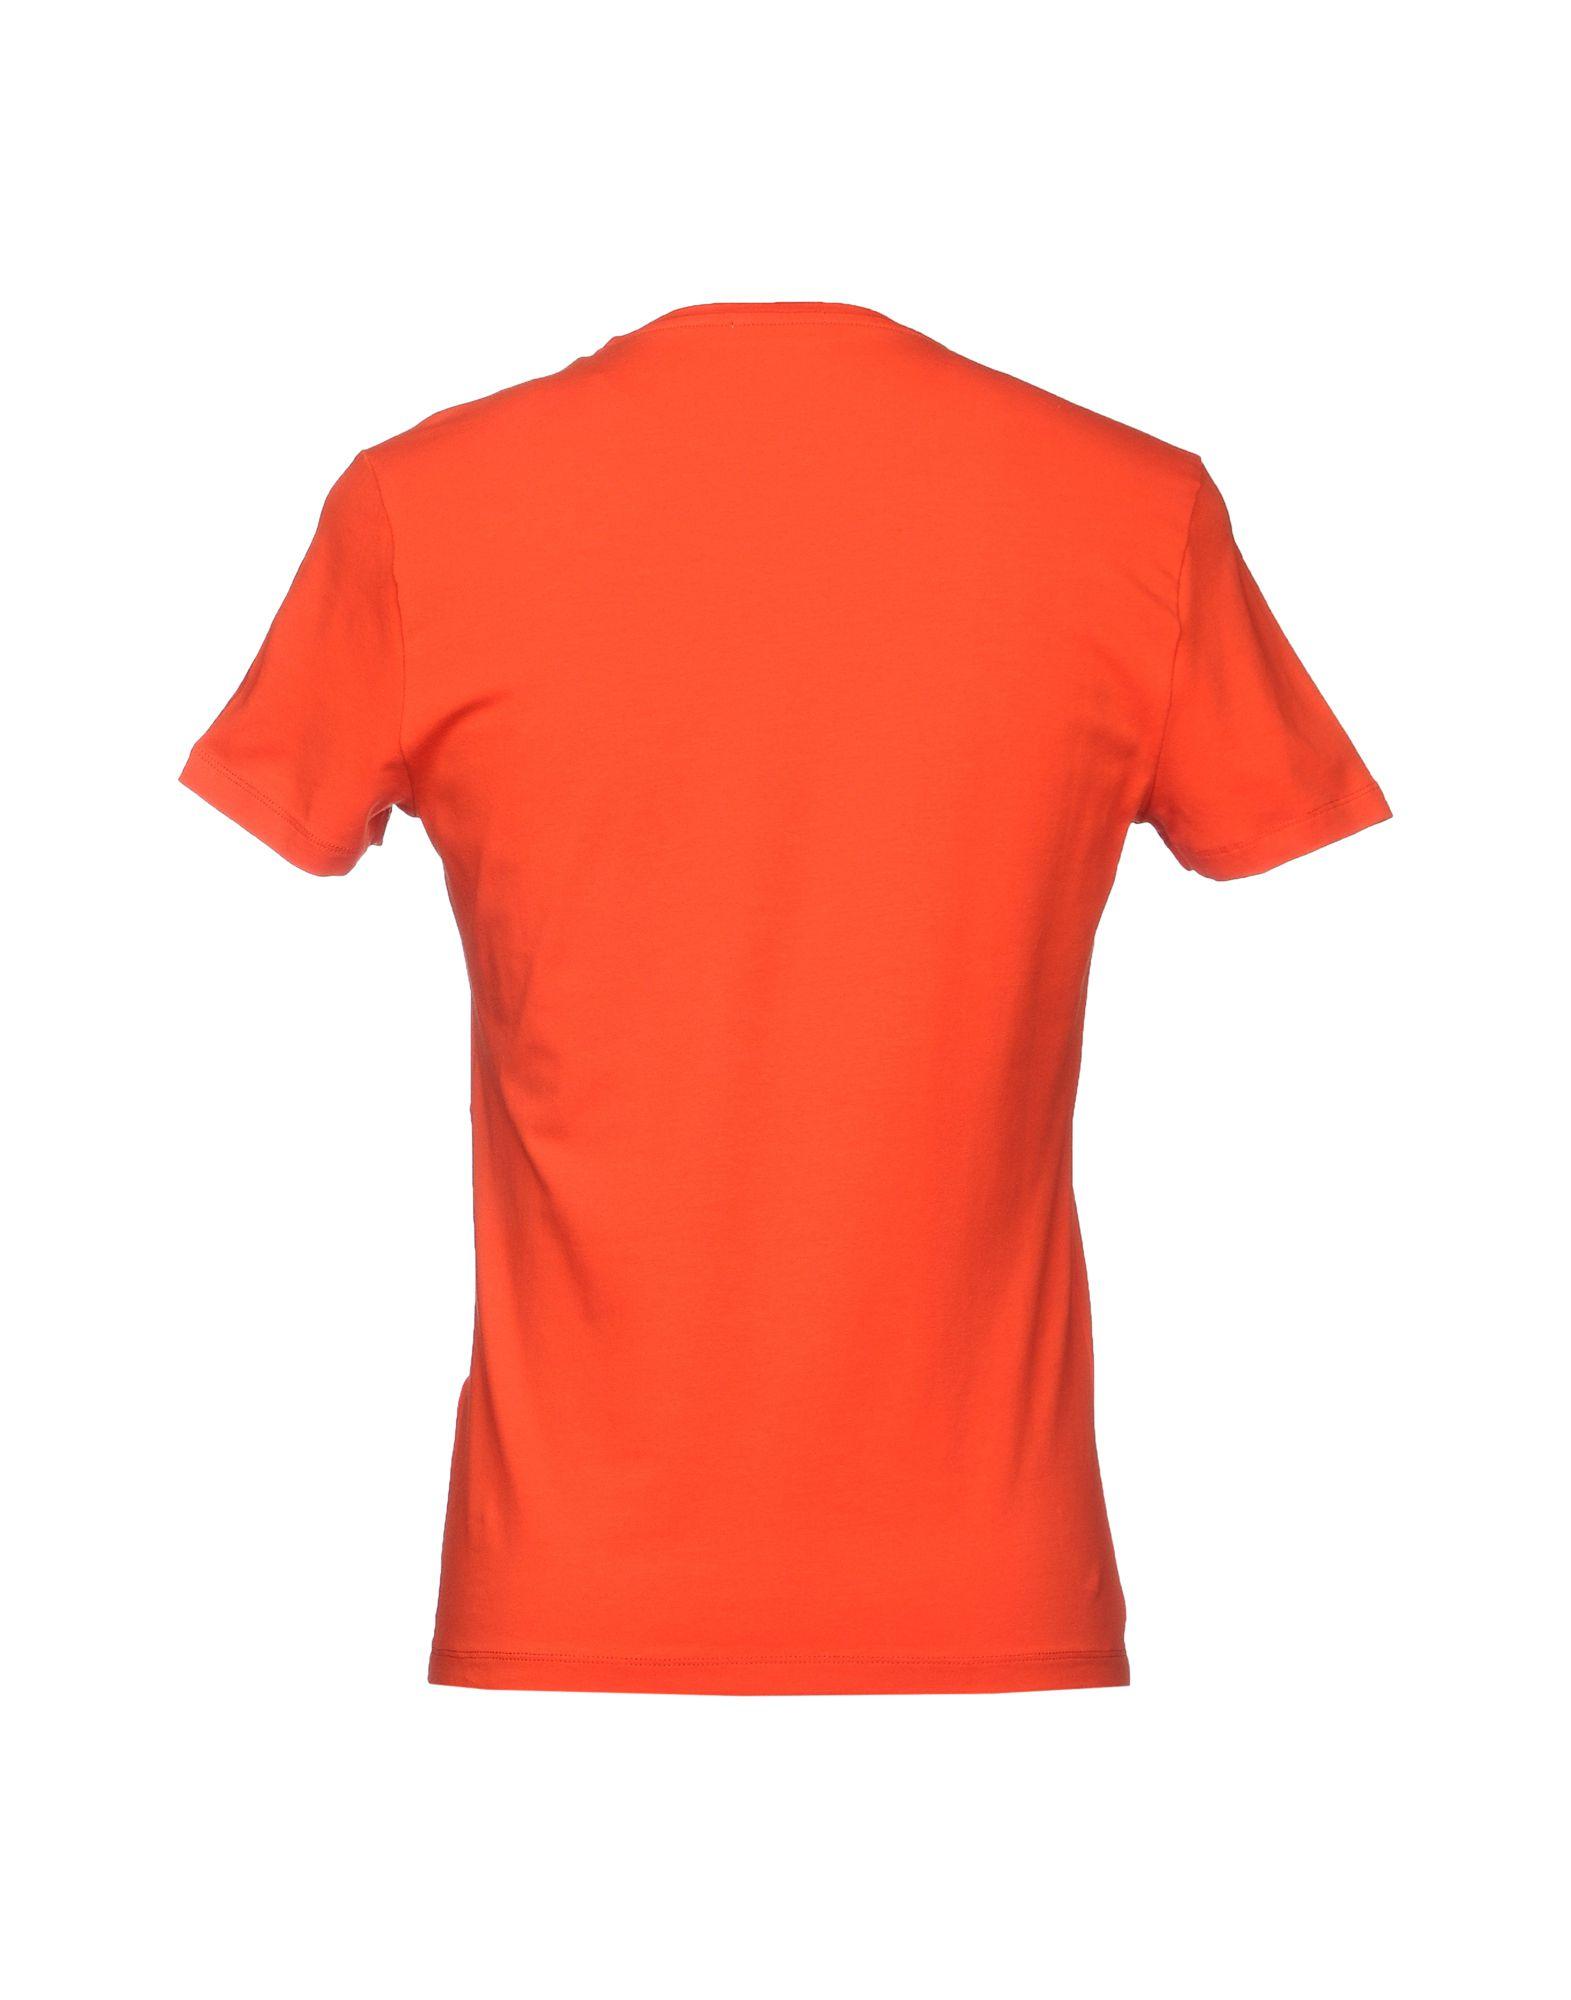 A buon mercato A buon mercato mercato buon T-Shirt Iceberg Uomo - 12000137QW 307268